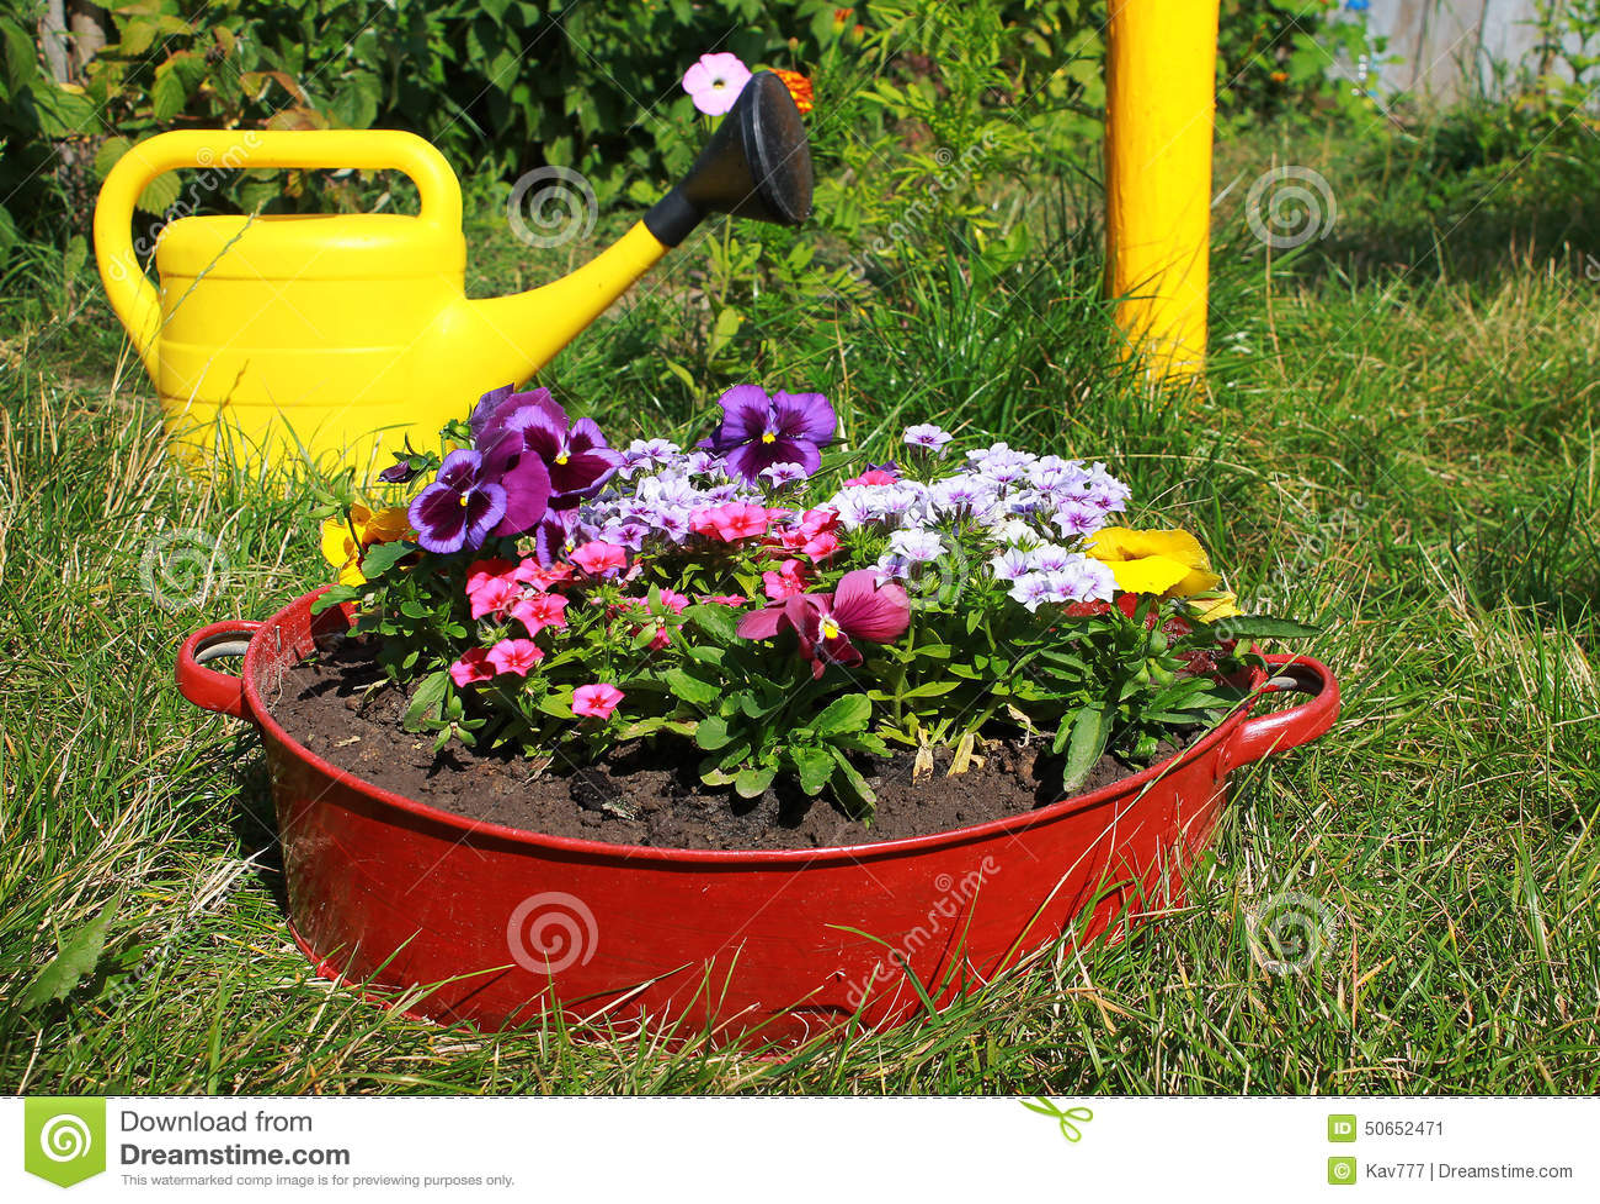 Idee n voor tuin bloemen in oude wasbak stock foto afbeelding 50652471 - Tuin ideeen ...